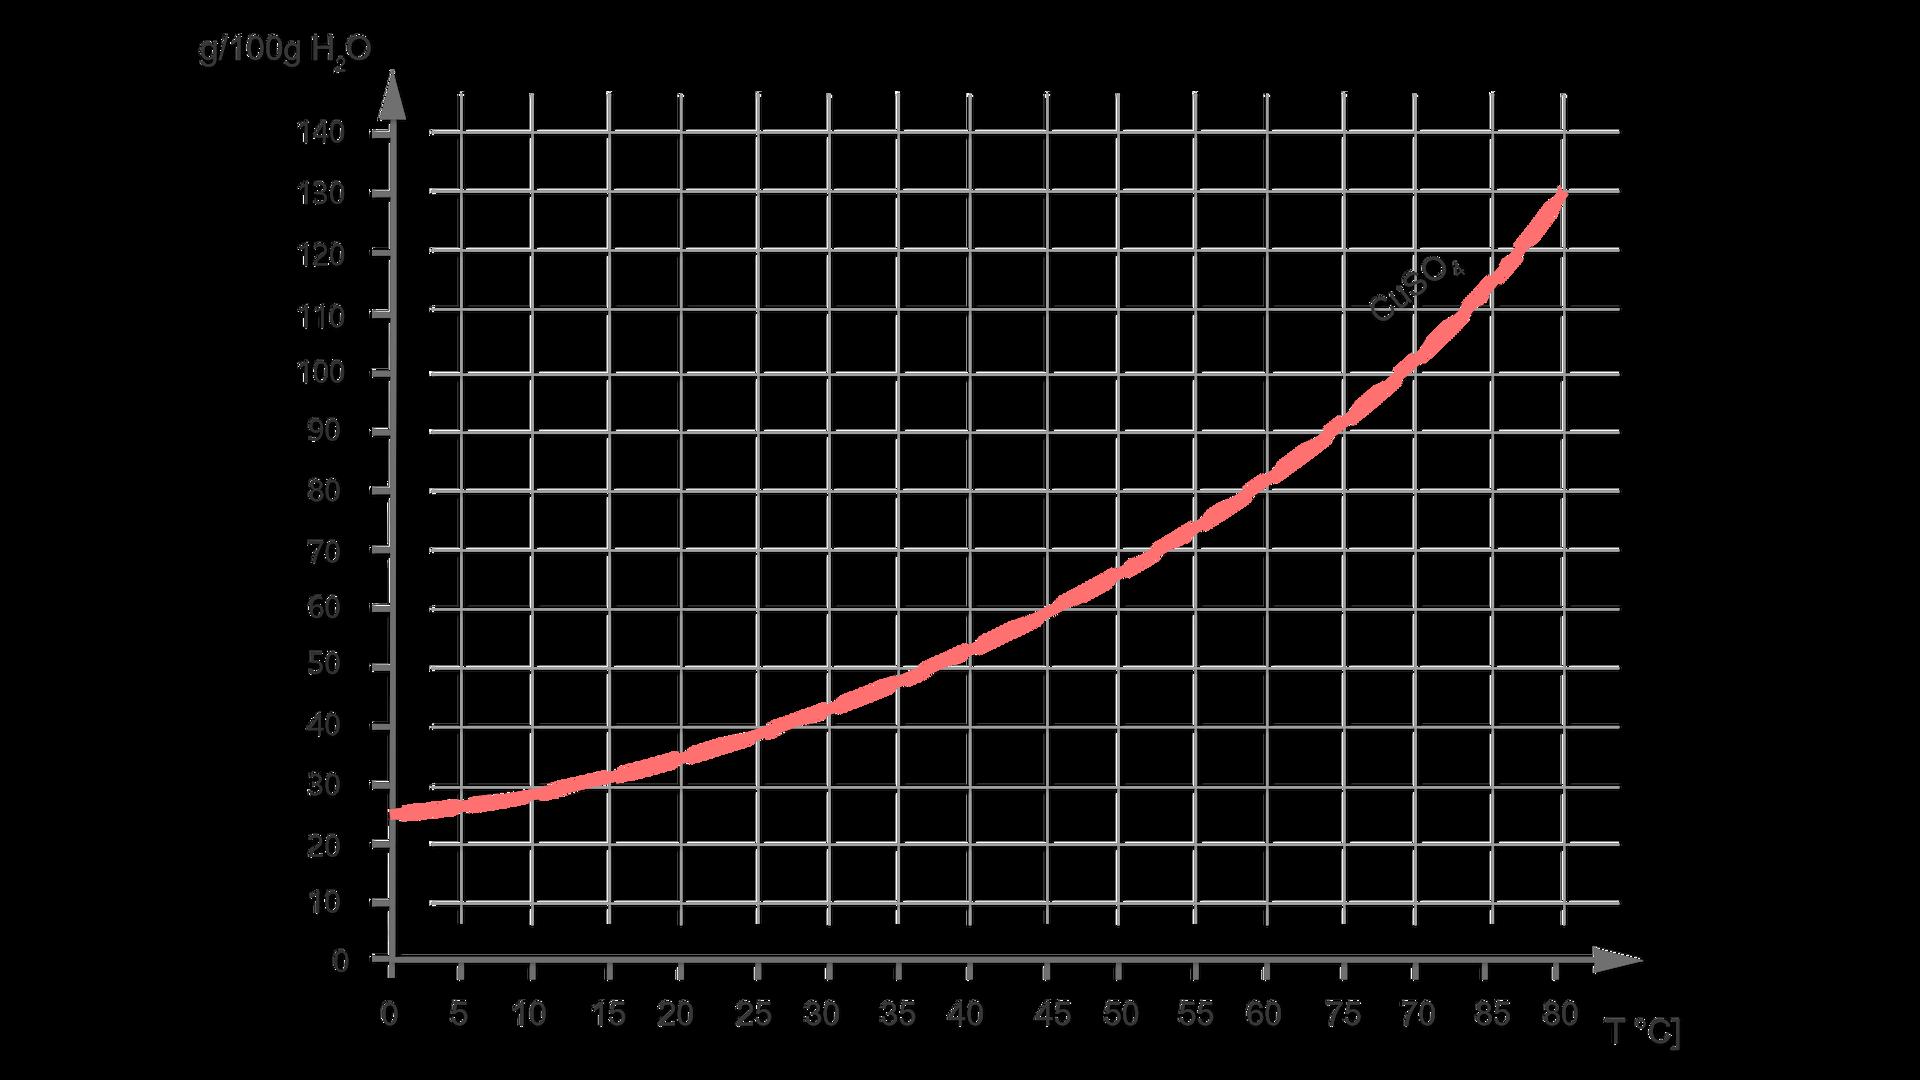 Wykres przedstawia krzywą rozpuszczalności. Na osi Xwartości temperatury od zera do osiemdziesięciu stopni, na osi Yrozpuszczalność wgramach na sto gramów wody, skala od zera do stu czterdziestu. Krzywa ce ues ocztery biegnie od wartości zero na osi Xi25 na osi Ydo wartości 80 na osi Xi130 na osi Y. Wpołowie wartości krzywej wynoszą na osi X40 na osi Y52.